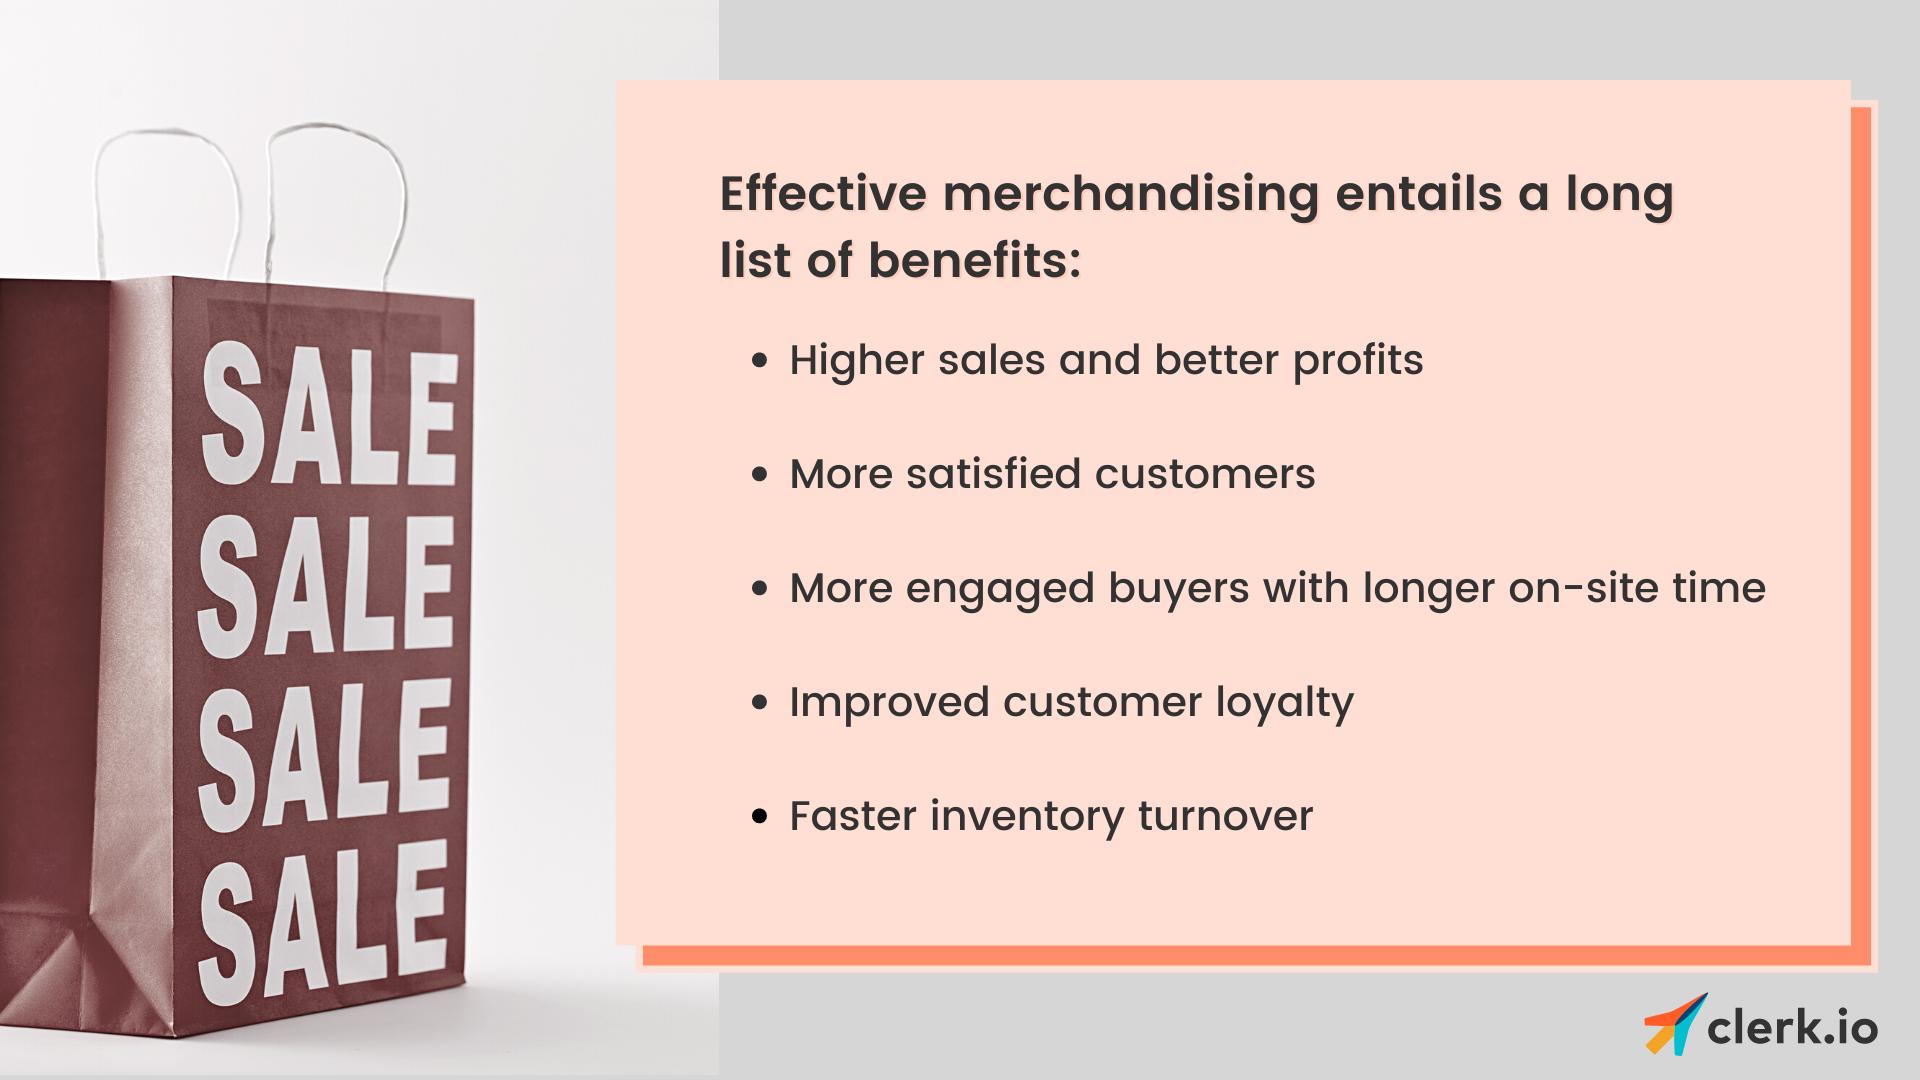 Merchandising benefits